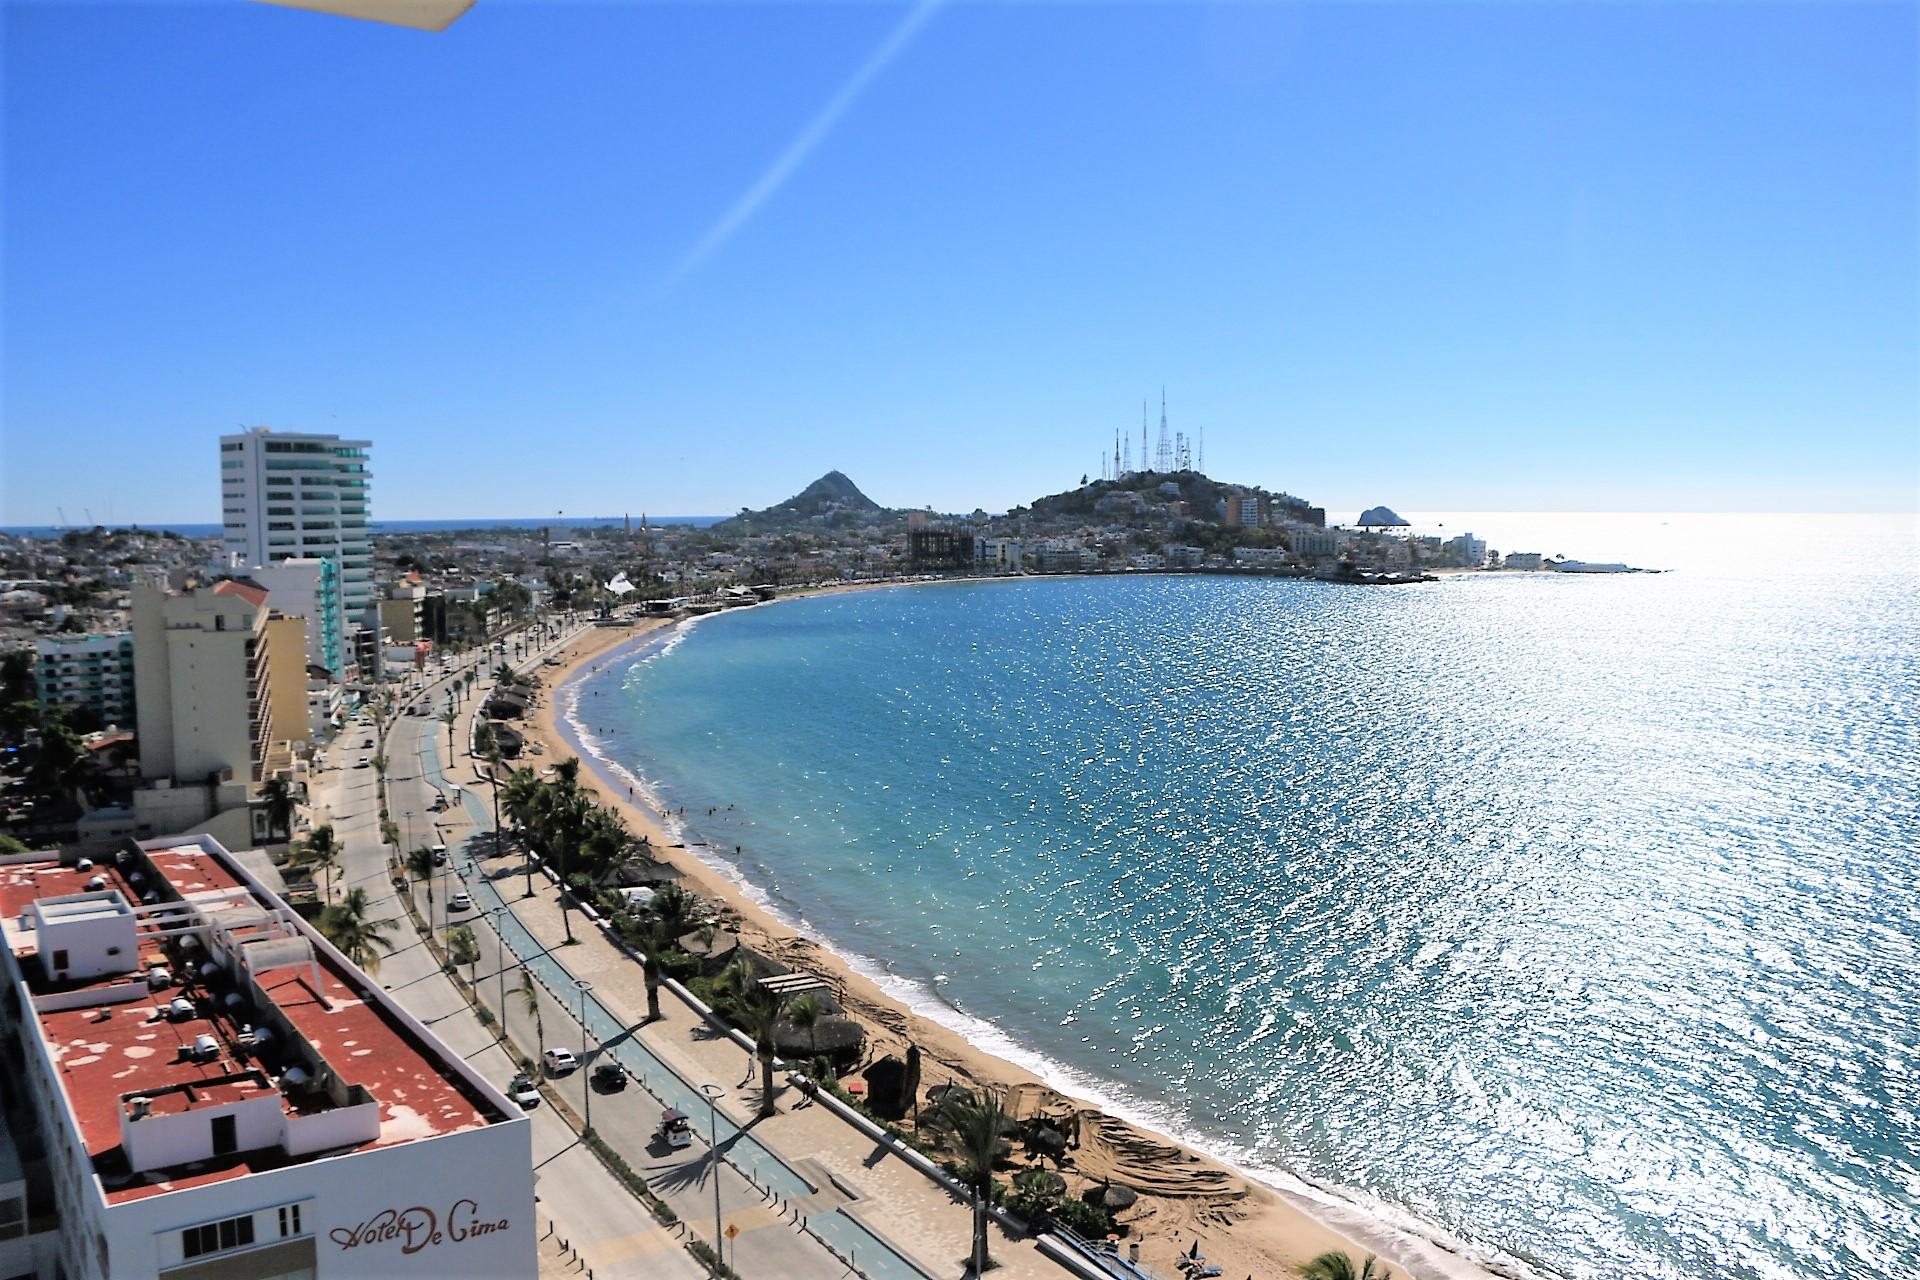 Exclusivo penthouse con vistas de 180 grados al mar en Torre Azul